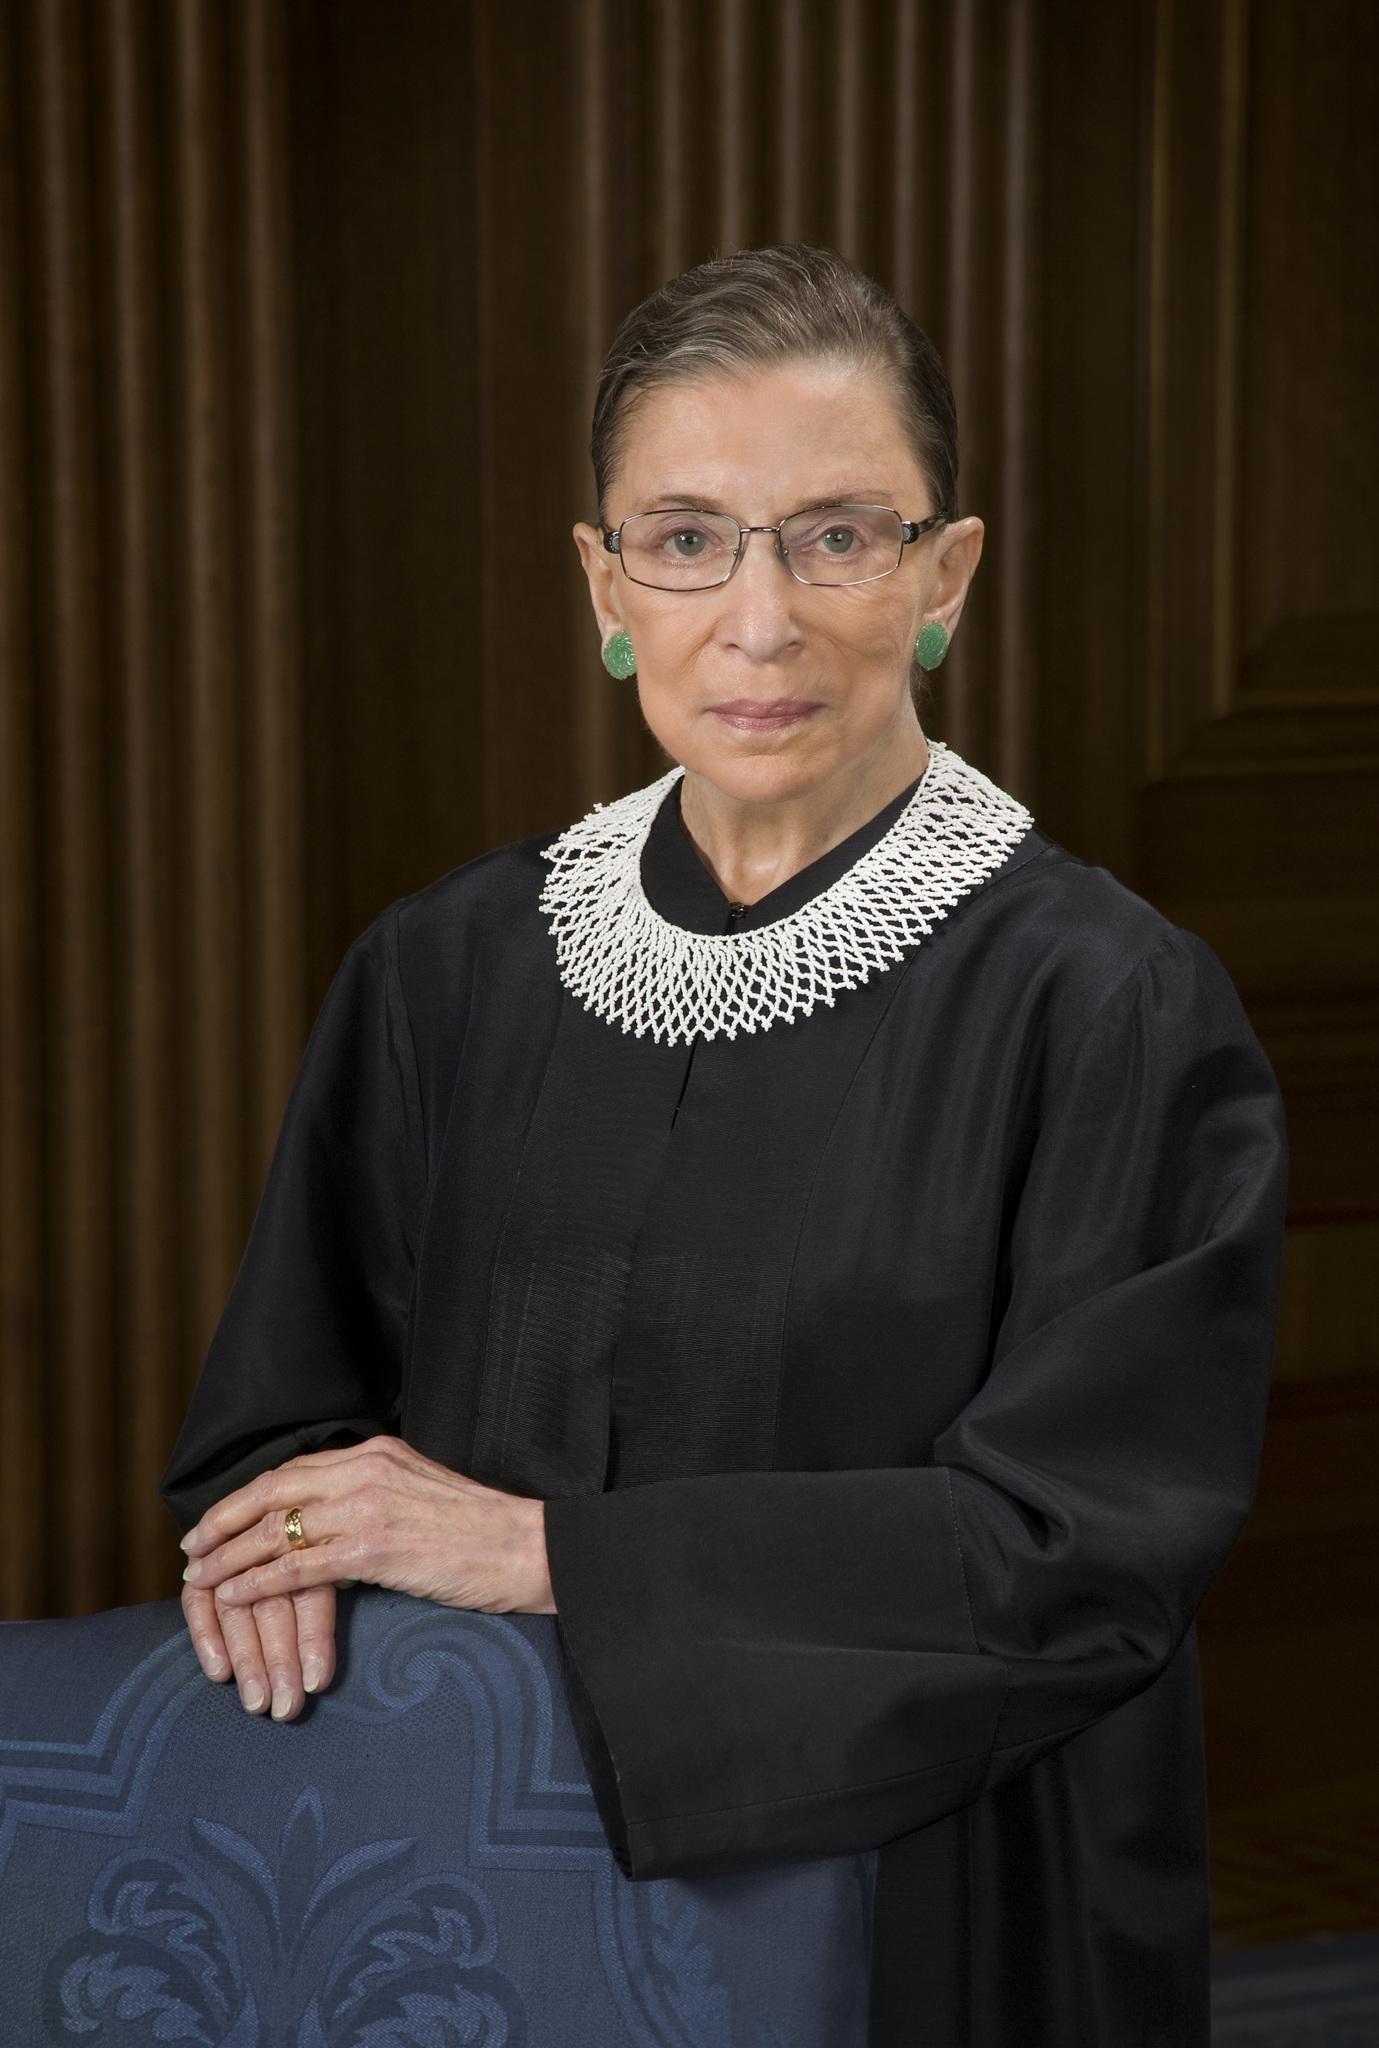 Ruth Bader Ginsburg Imdb